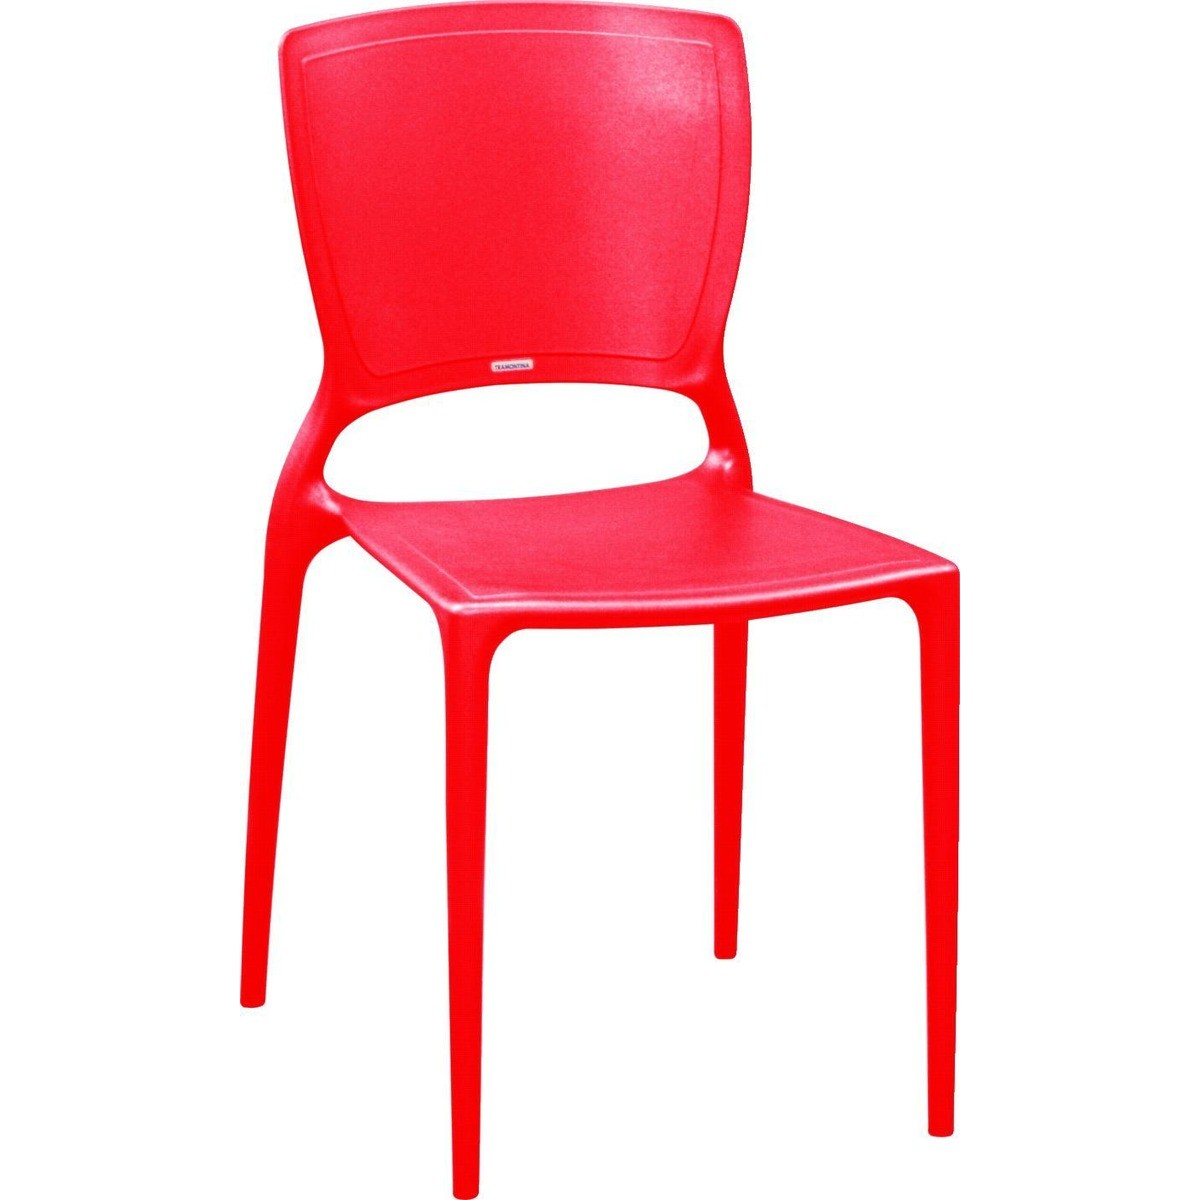 Cadeira Sofia Encosto Fechado Ref. 92236/040 Tramontina Vermelho